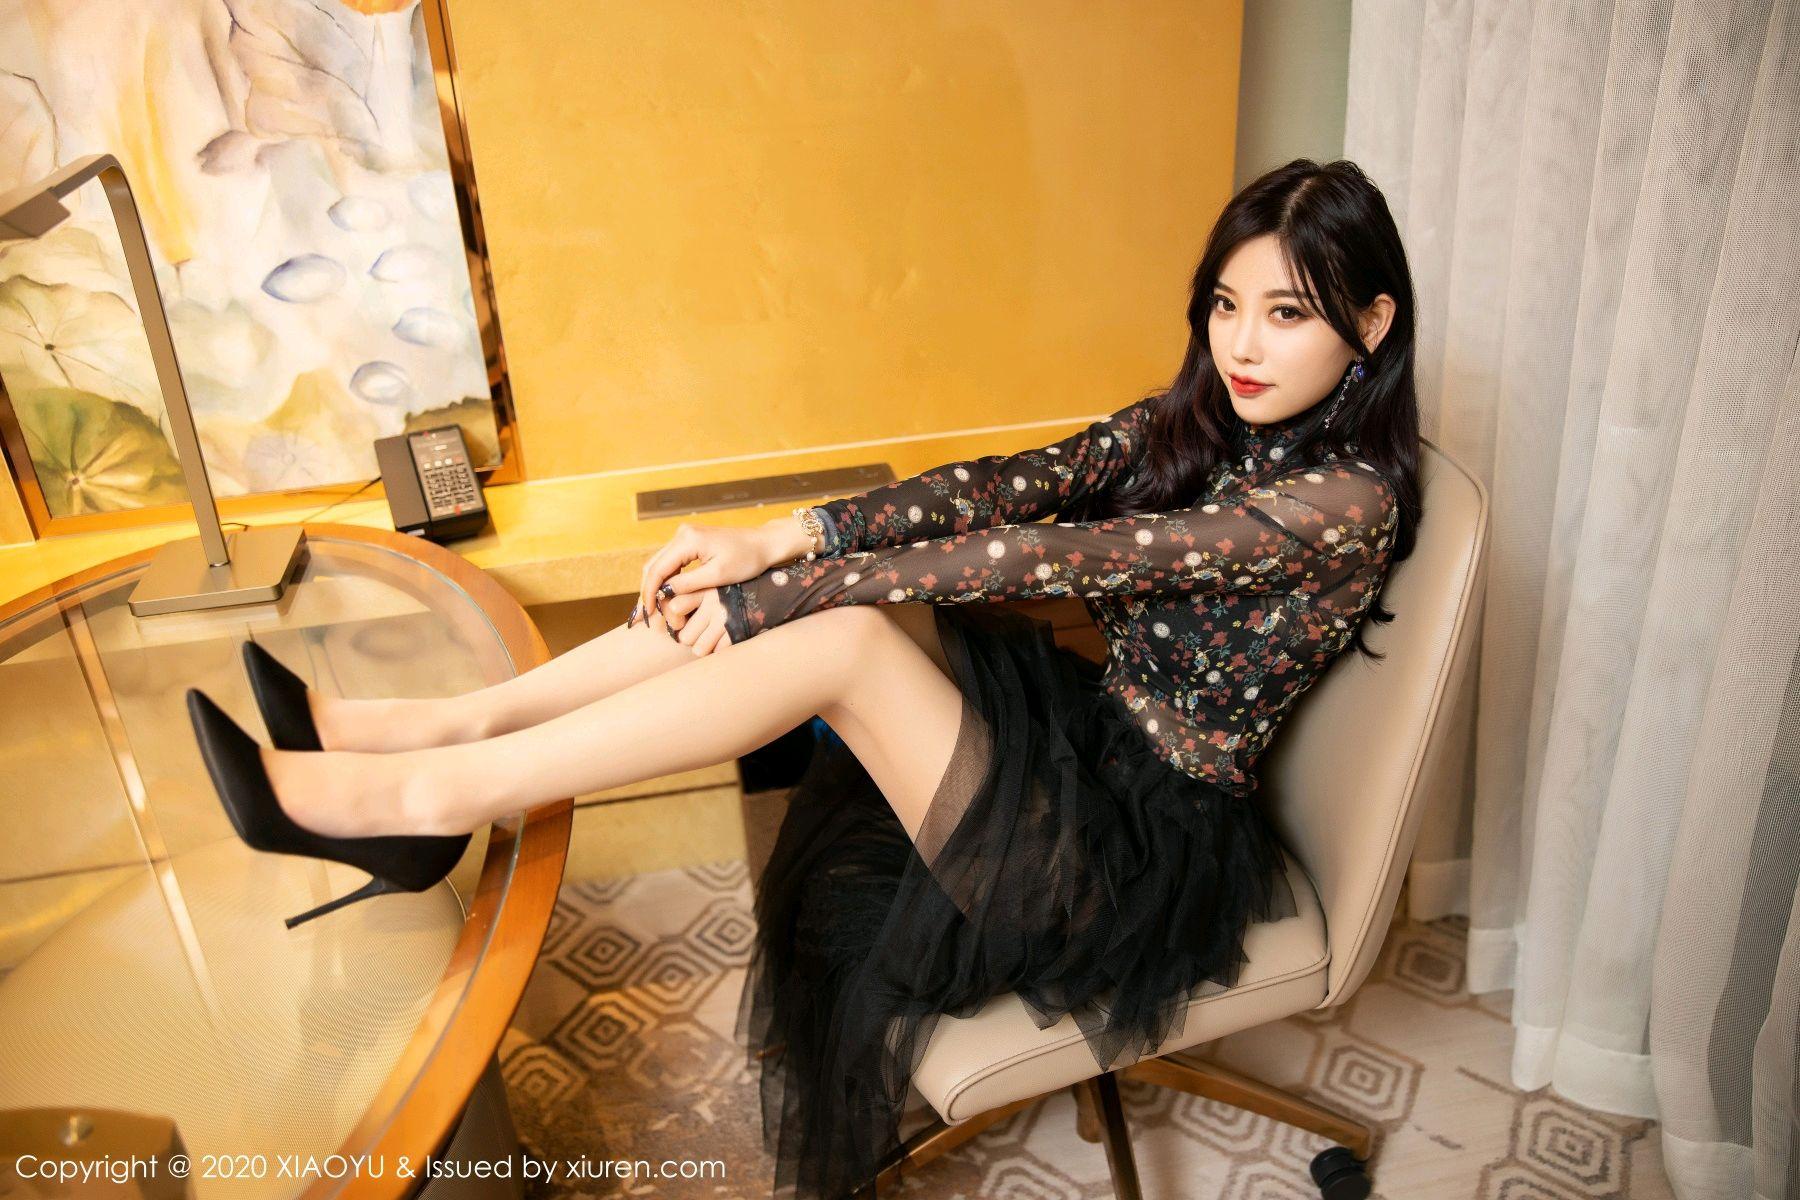 [XiaoYu] Vol.289 Yang Chen Chen 25P, Underwear, XiaoYu, Yang Chen Chen